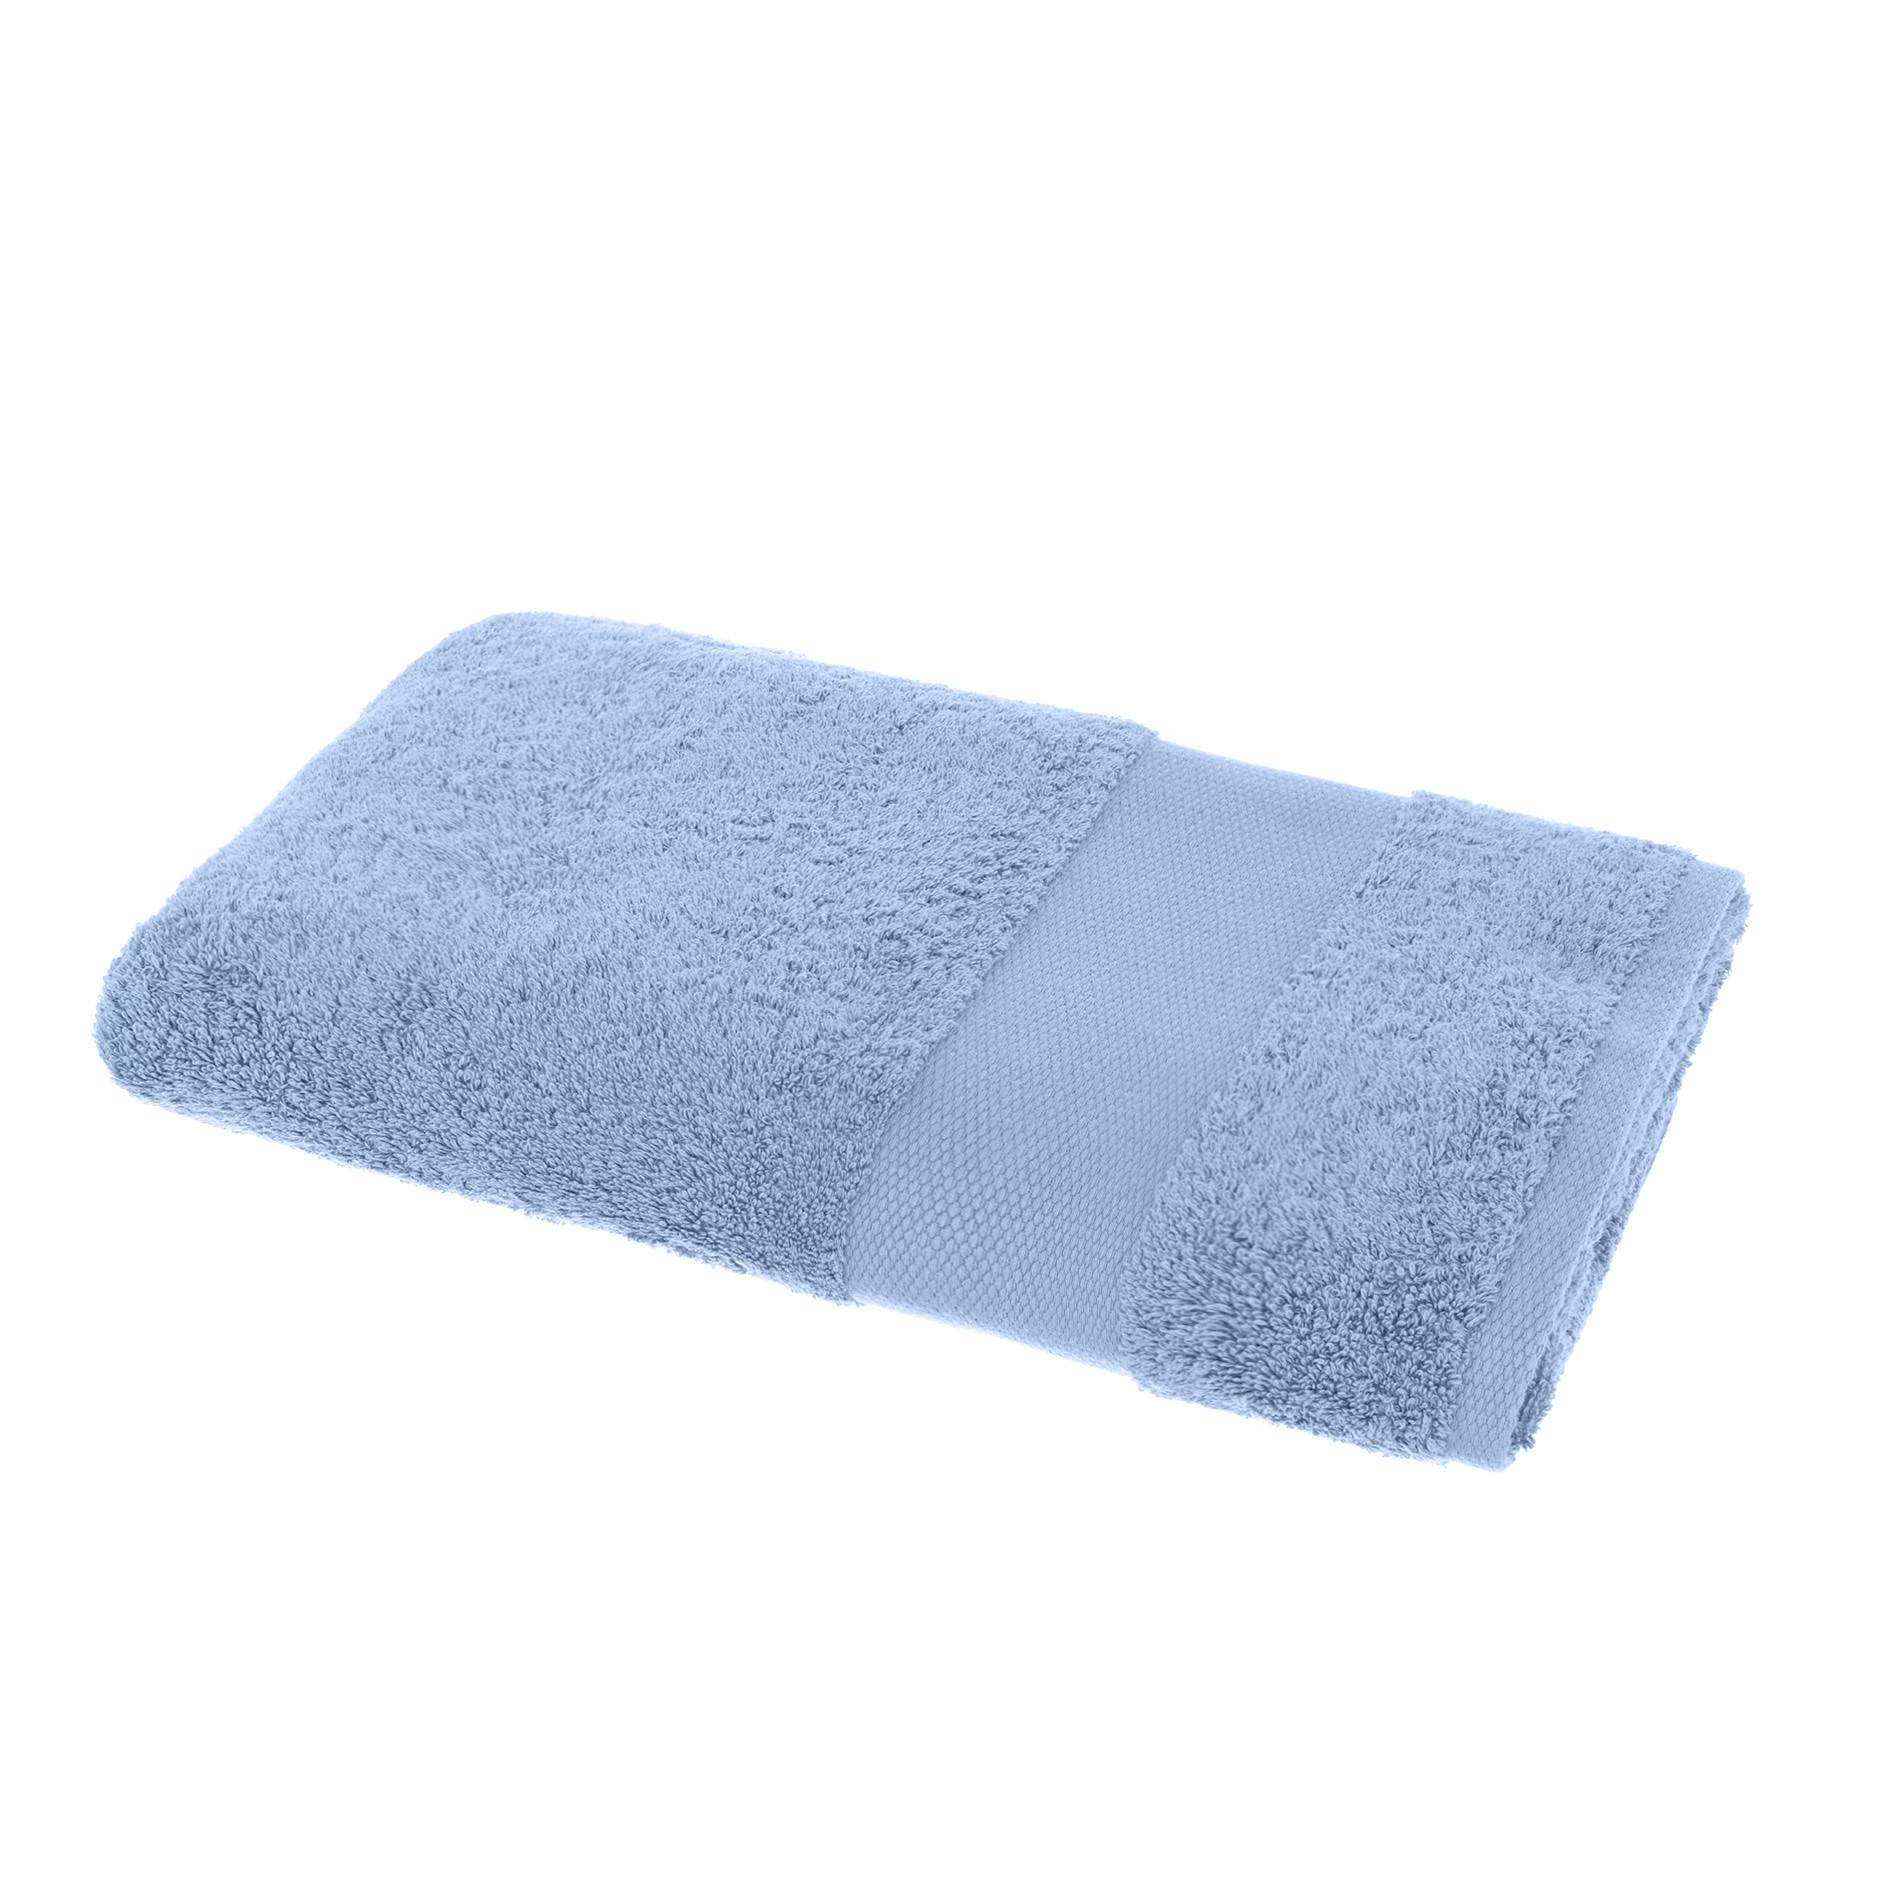 Asciugamano spugna di puro cotone Zefiro, Blu, large image number 1